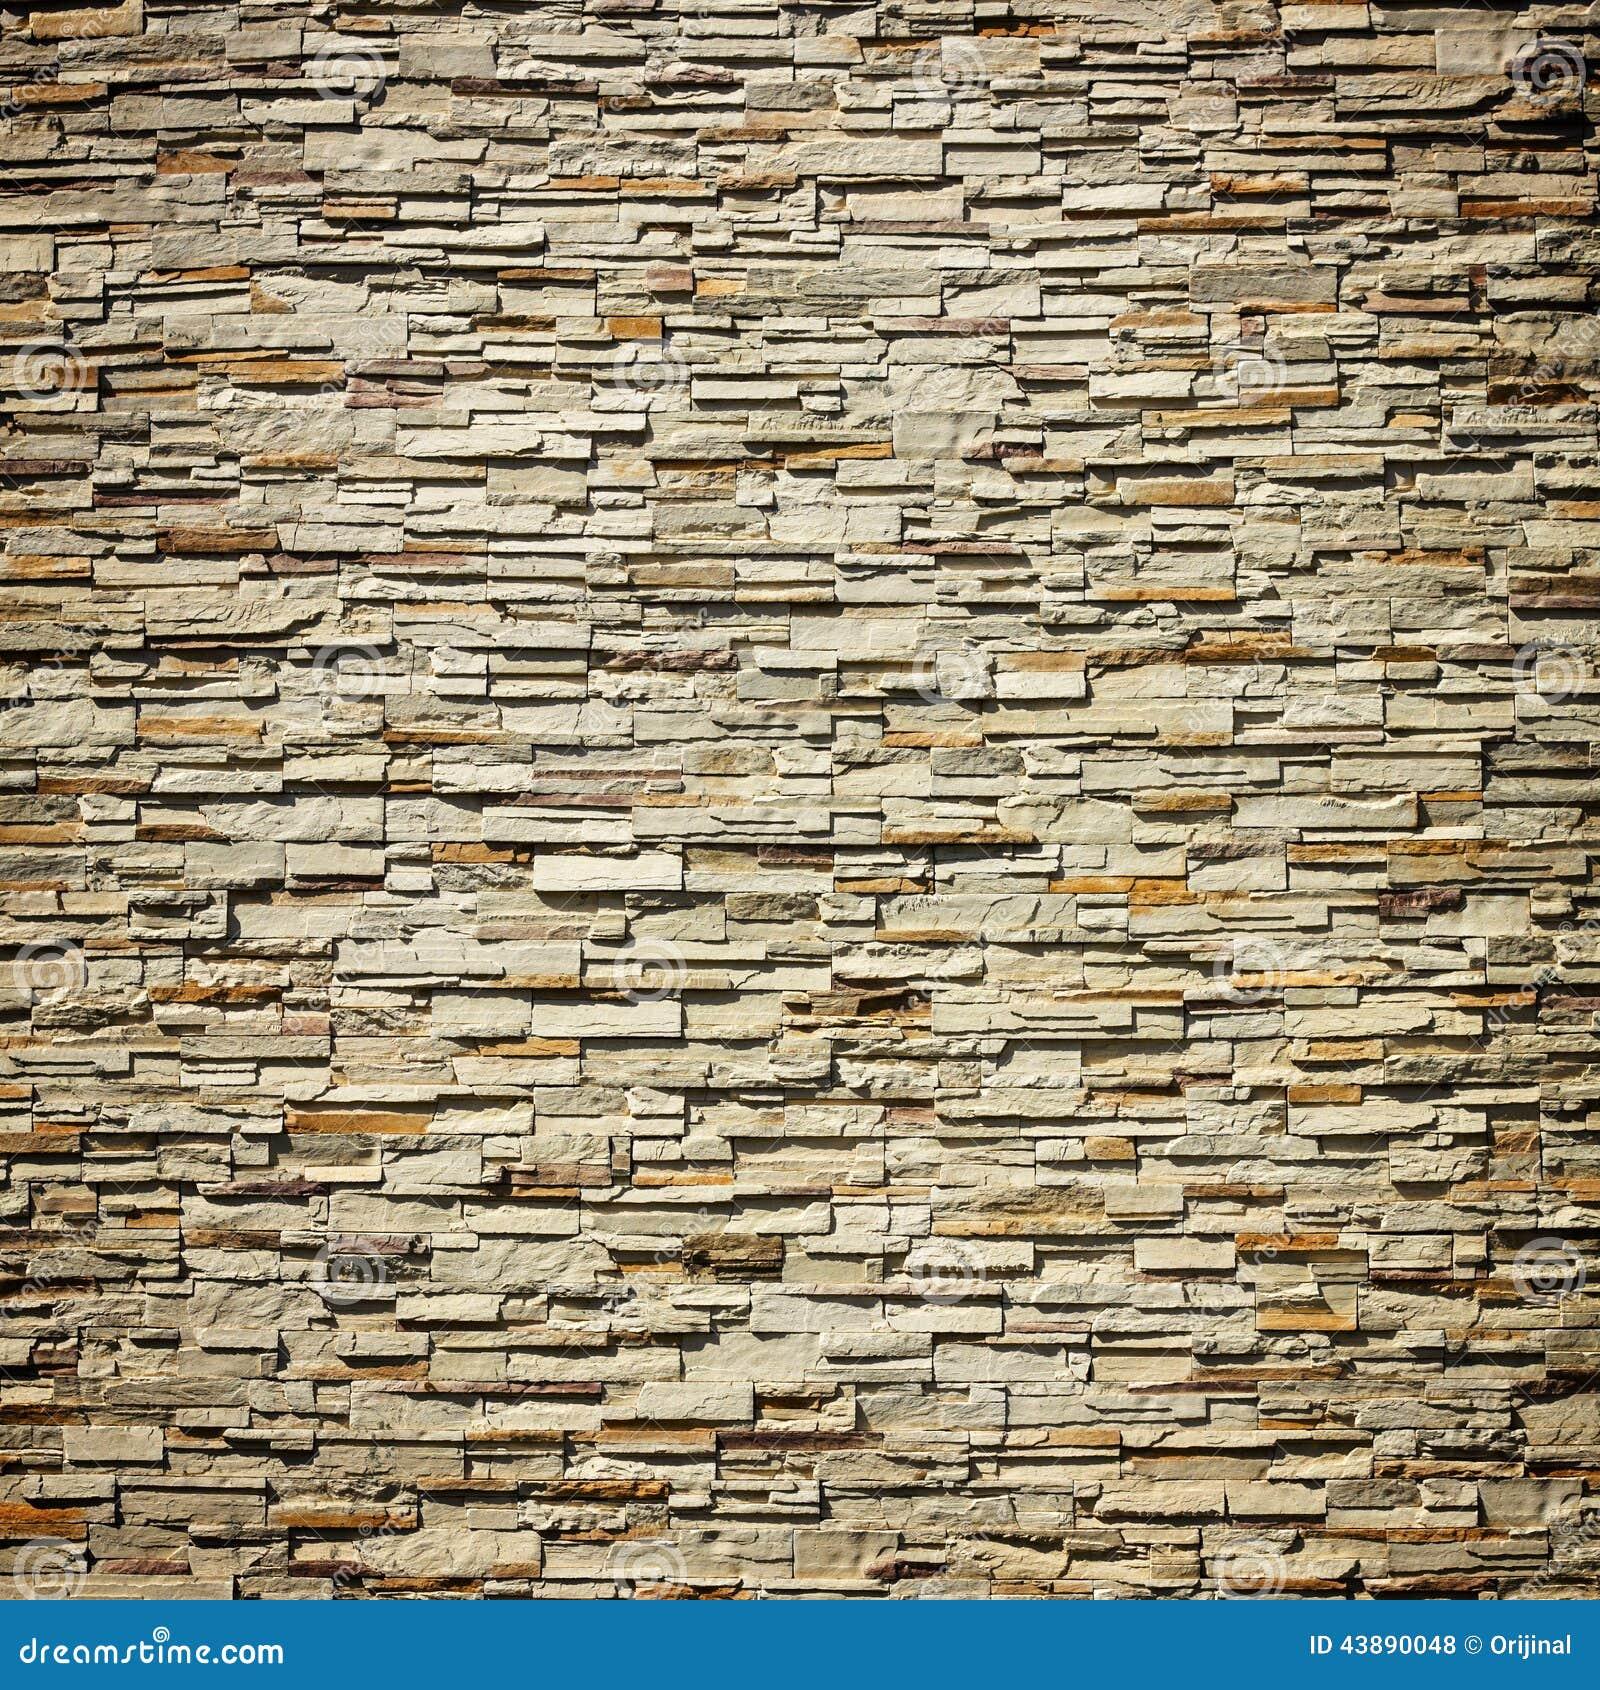 Decorative Wall Stone : Pattern of decorative slate stone wall stock photo image